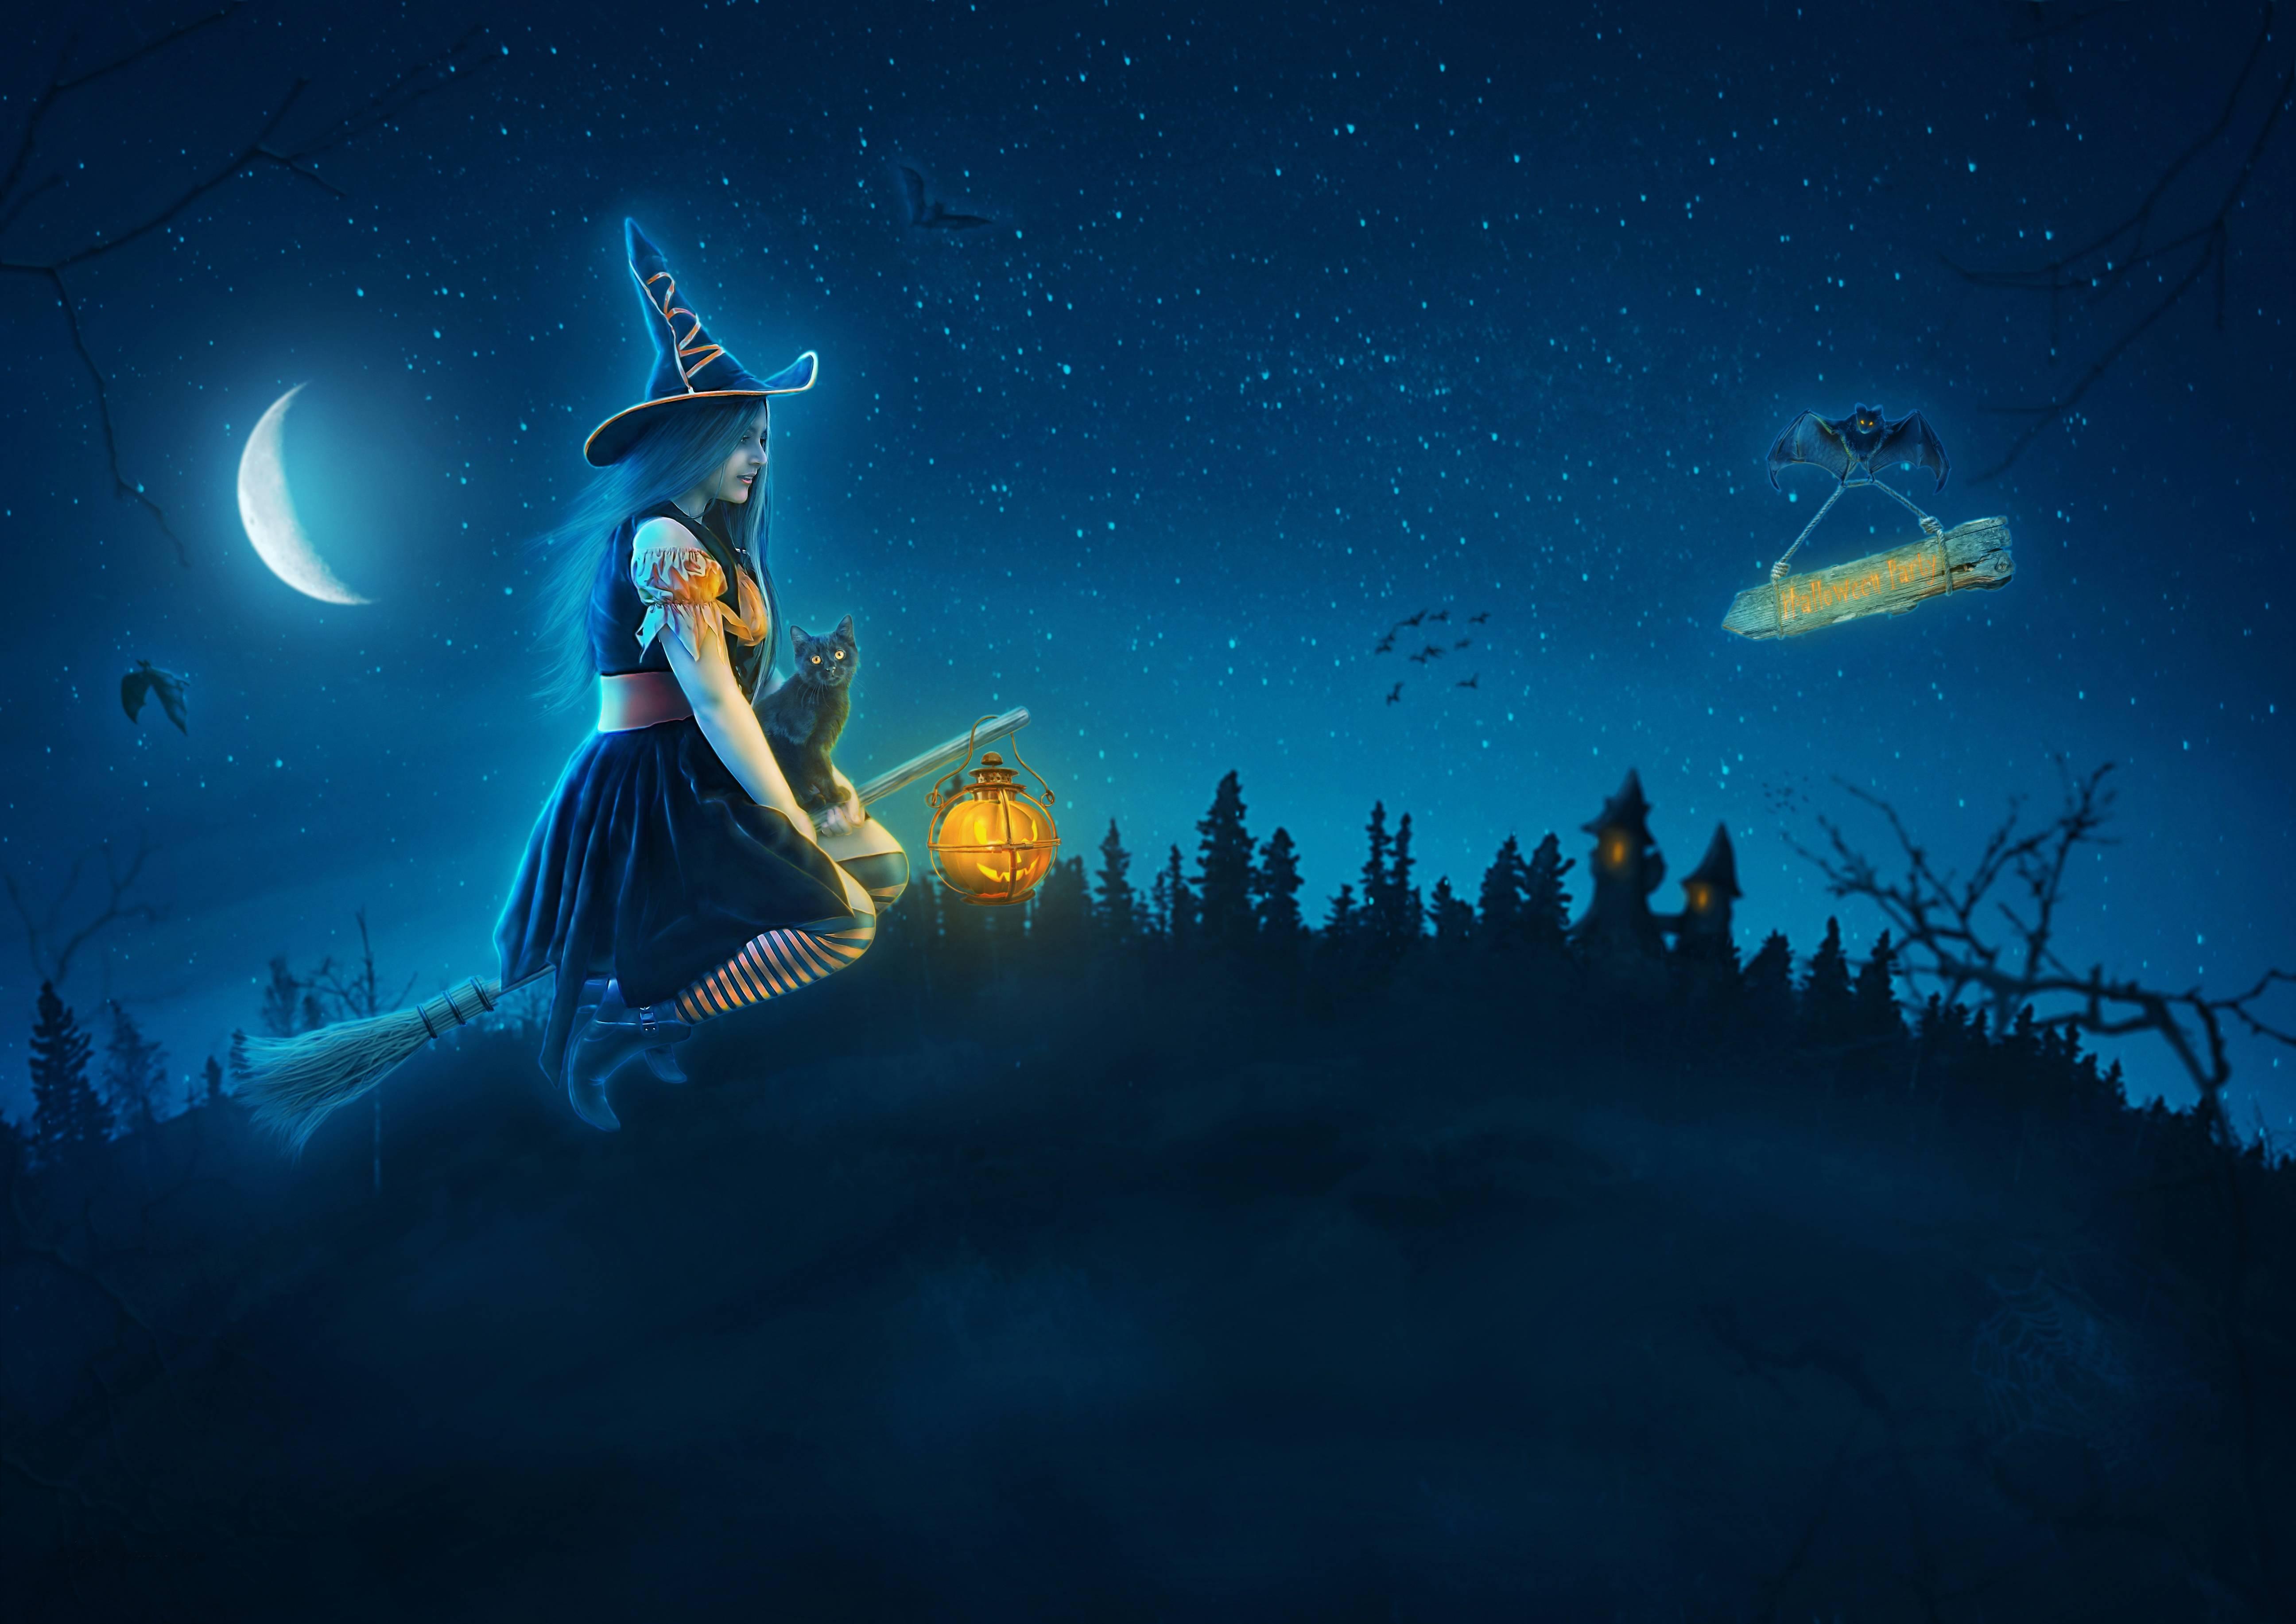 должен быть картинки фэнтези ведьмочки на метле латышском тексте леона